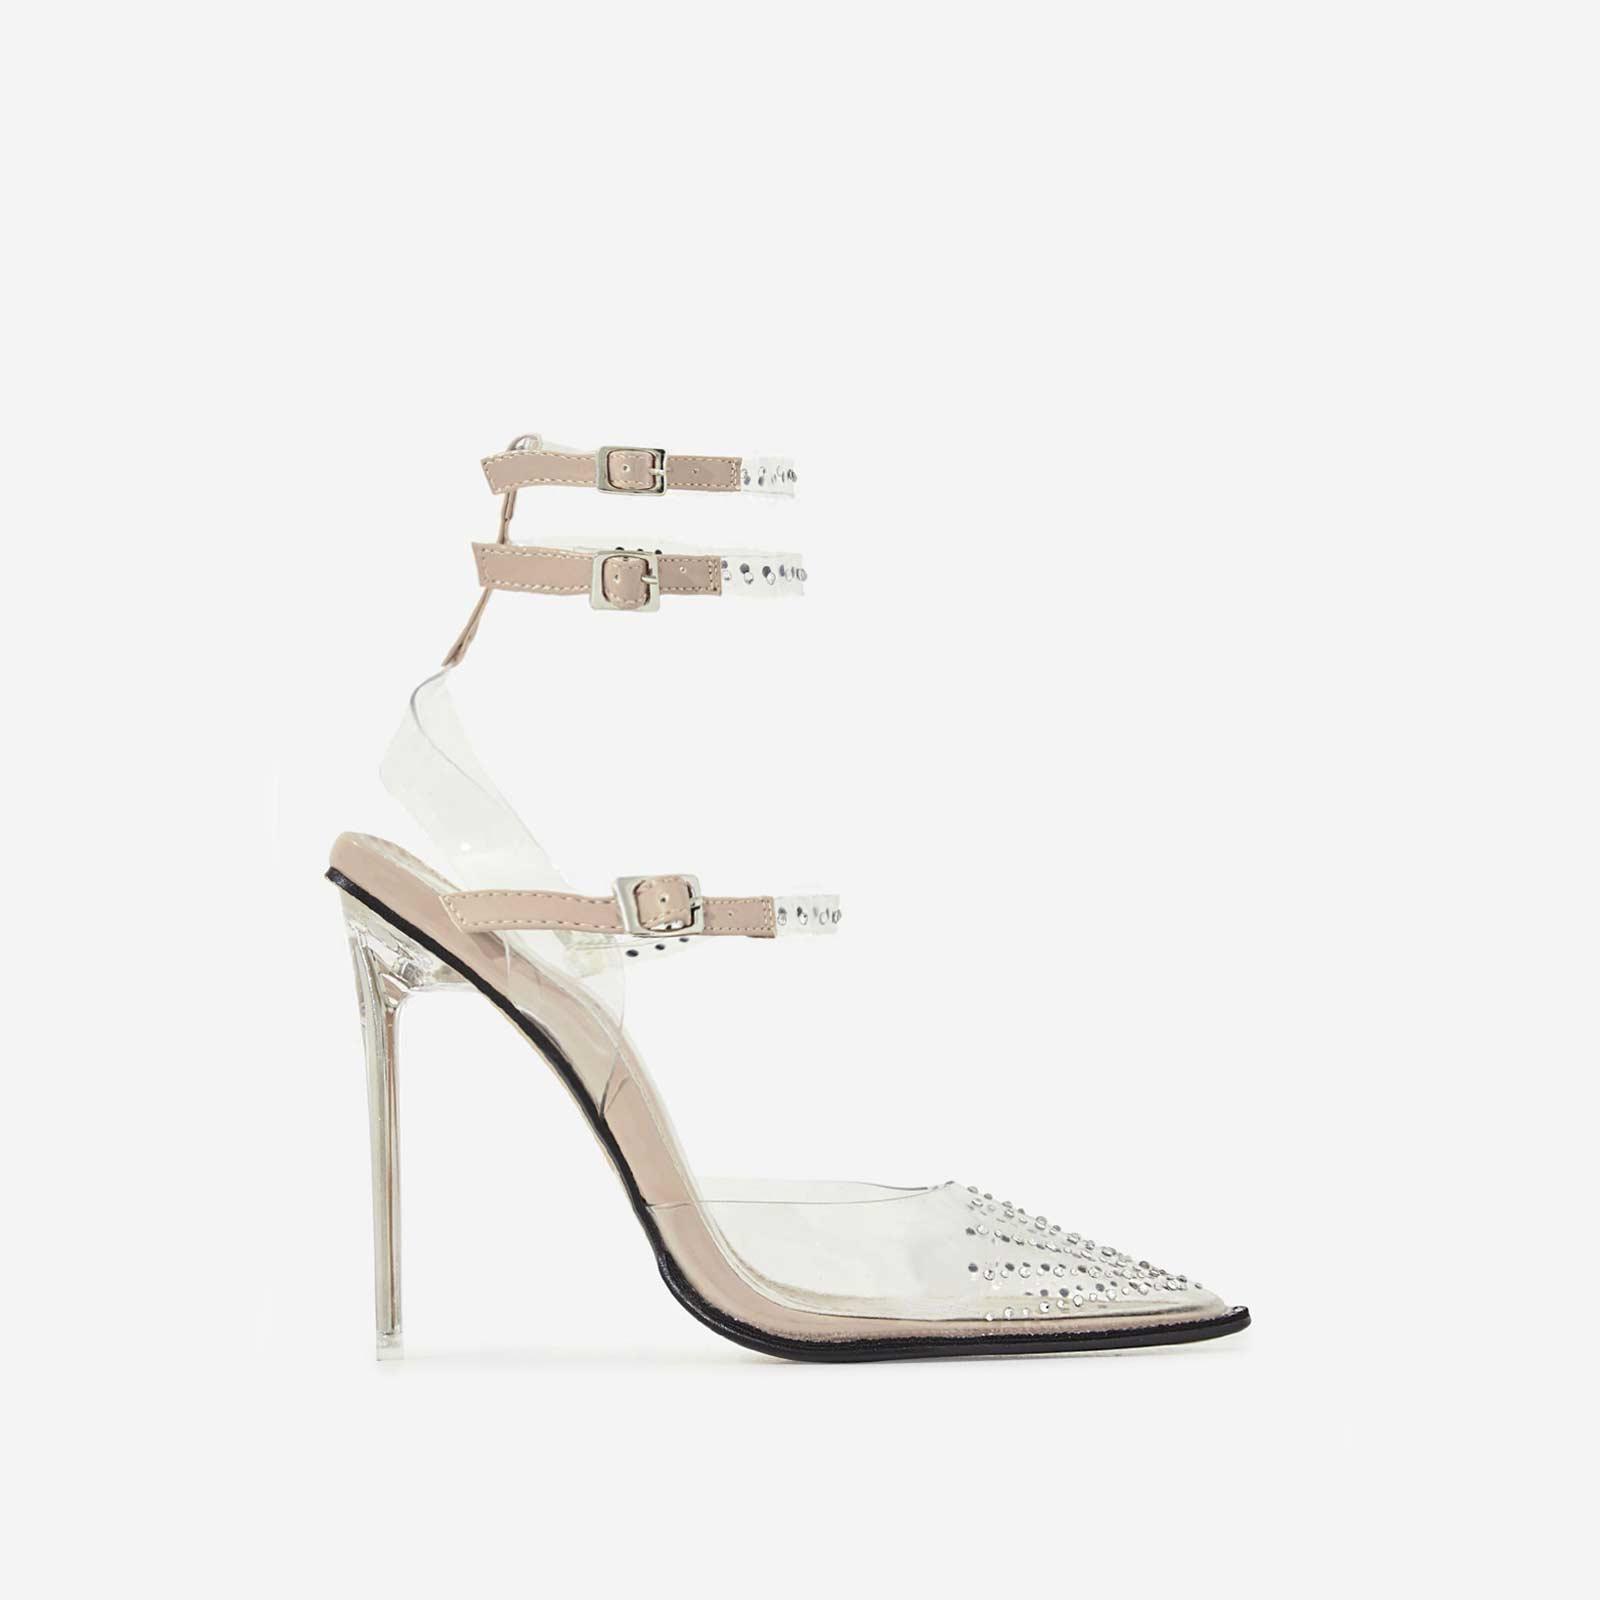 Margarita Diamante Details Perspex Heel In Nude Patent